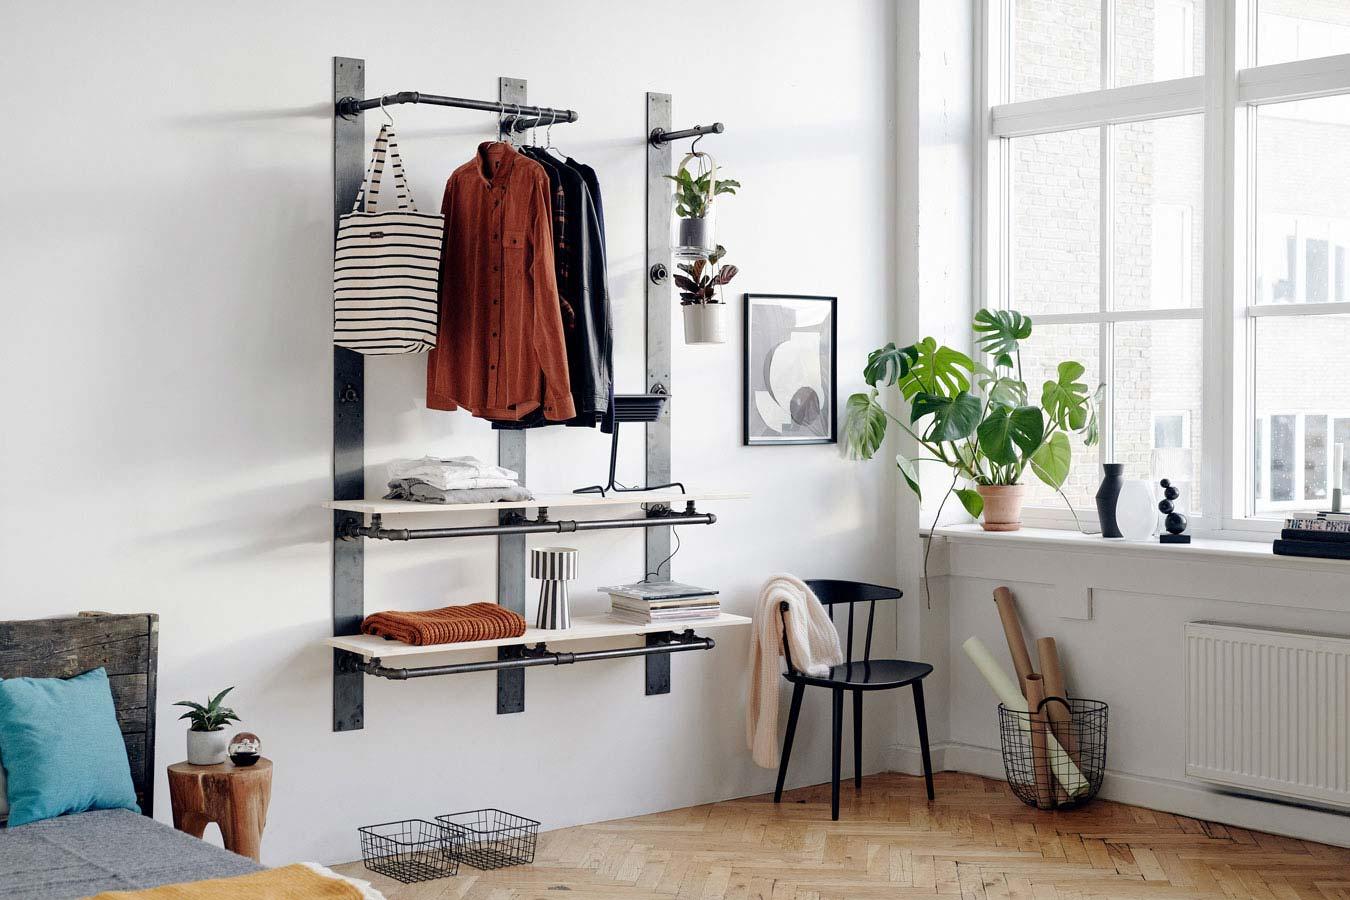 Décoration Petite Entrée Appartement dressing : 30 inspirations pour vos vêtements